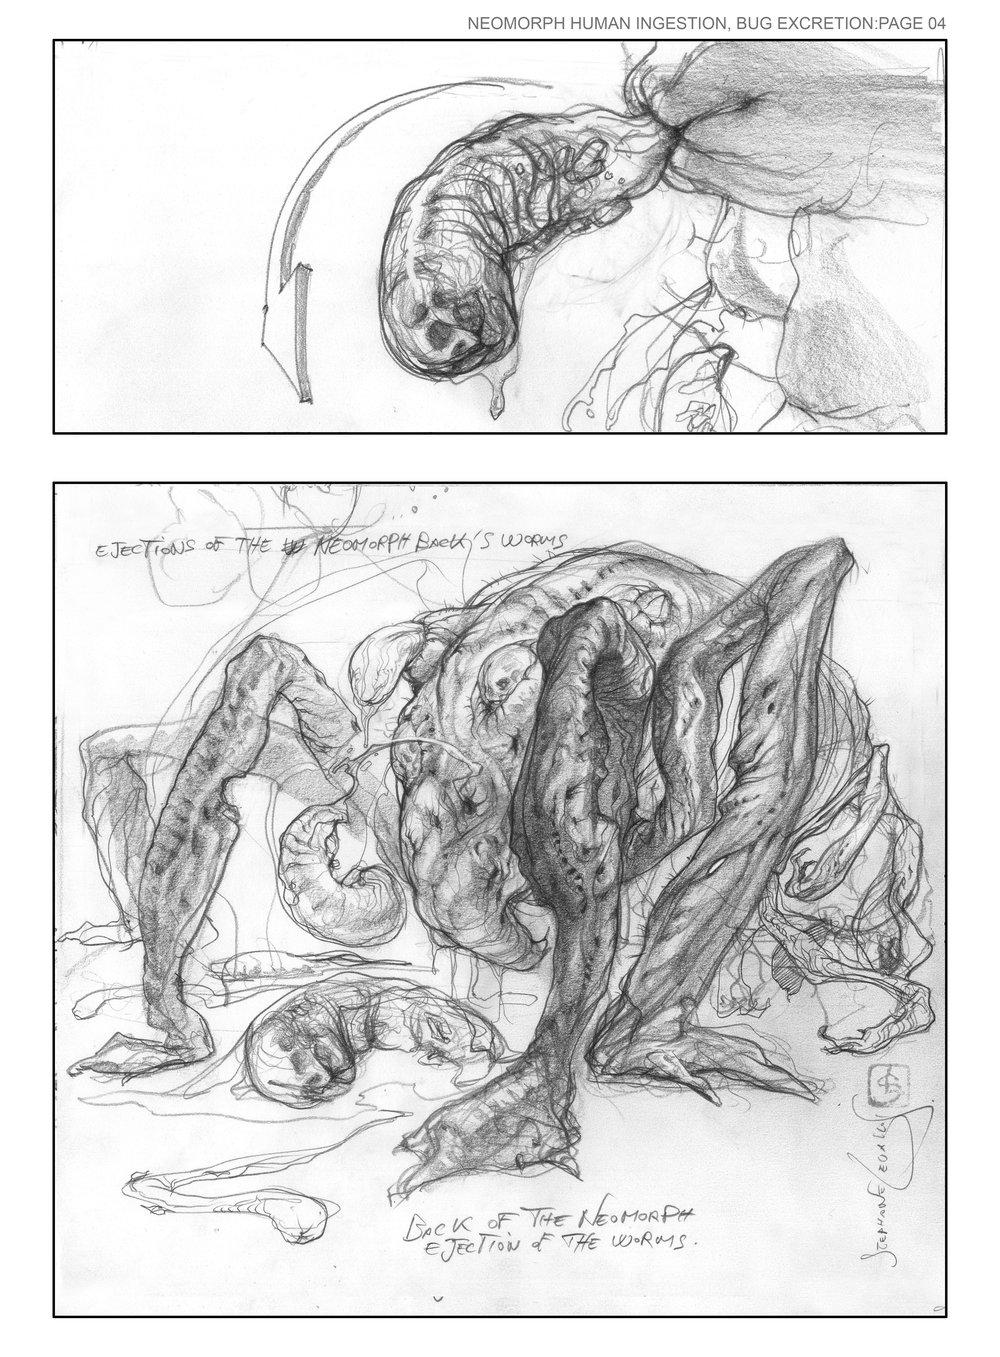 PAR_Neomorph_storyboard_SL01.page04.jpg